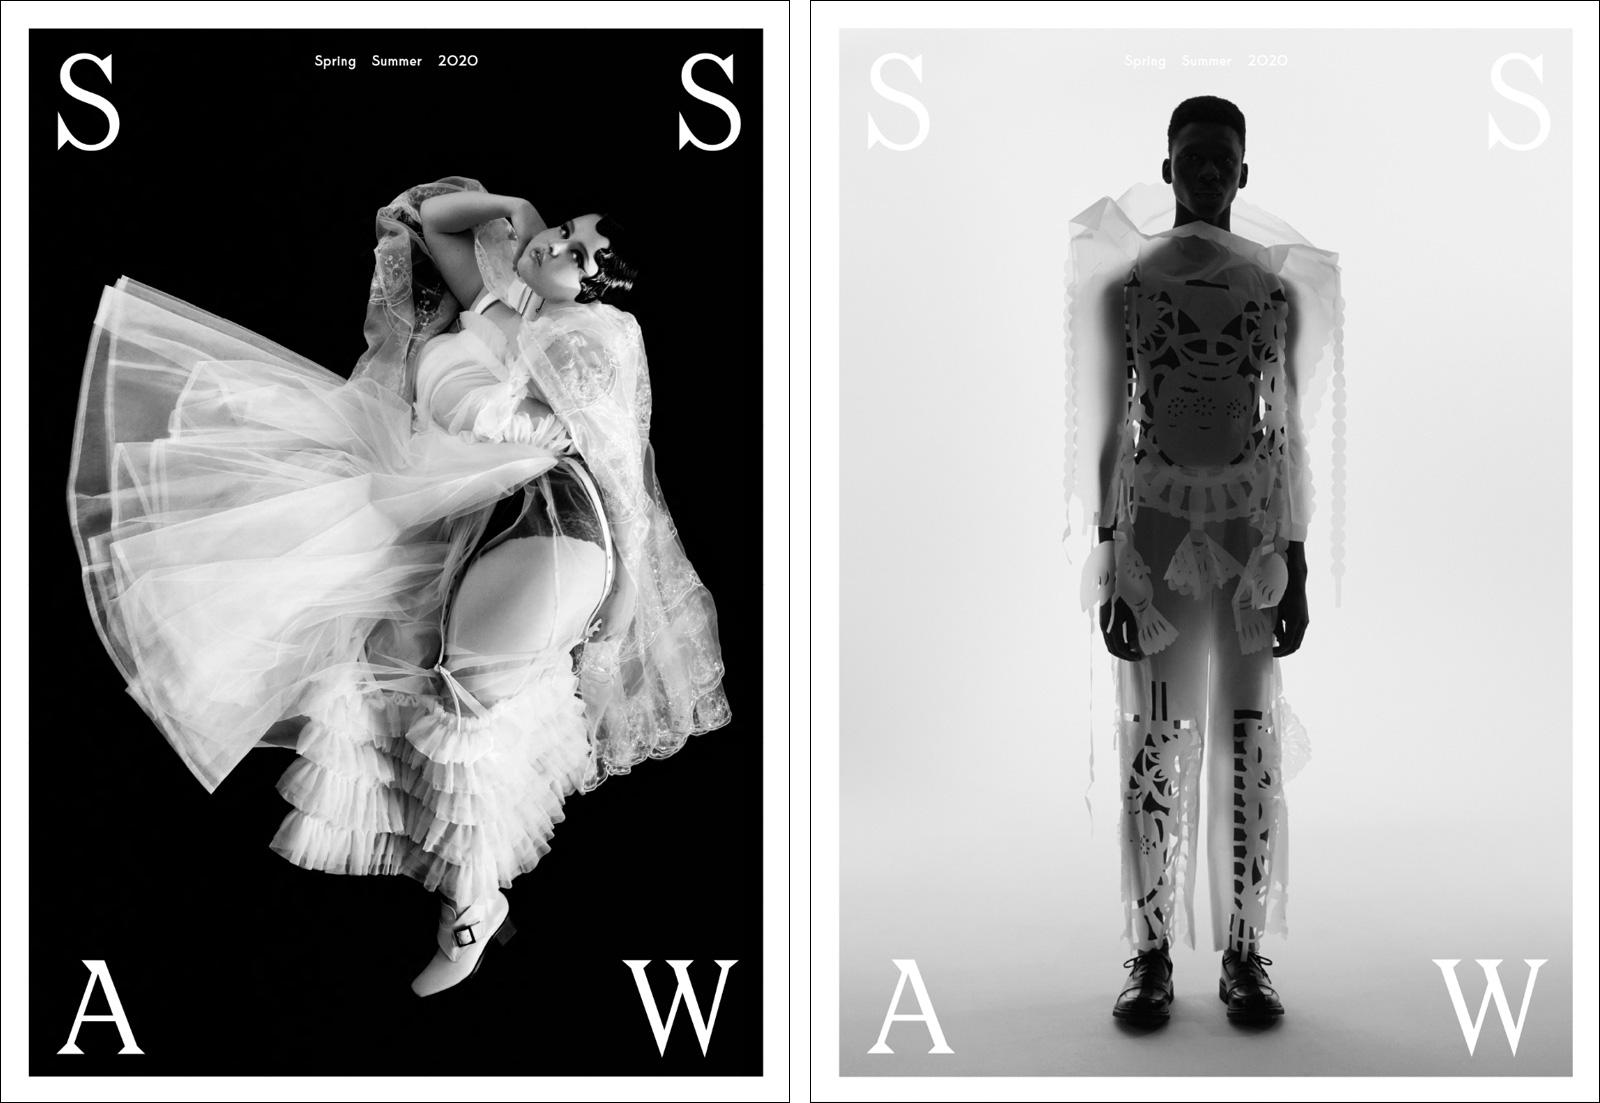 SSAW Magazine